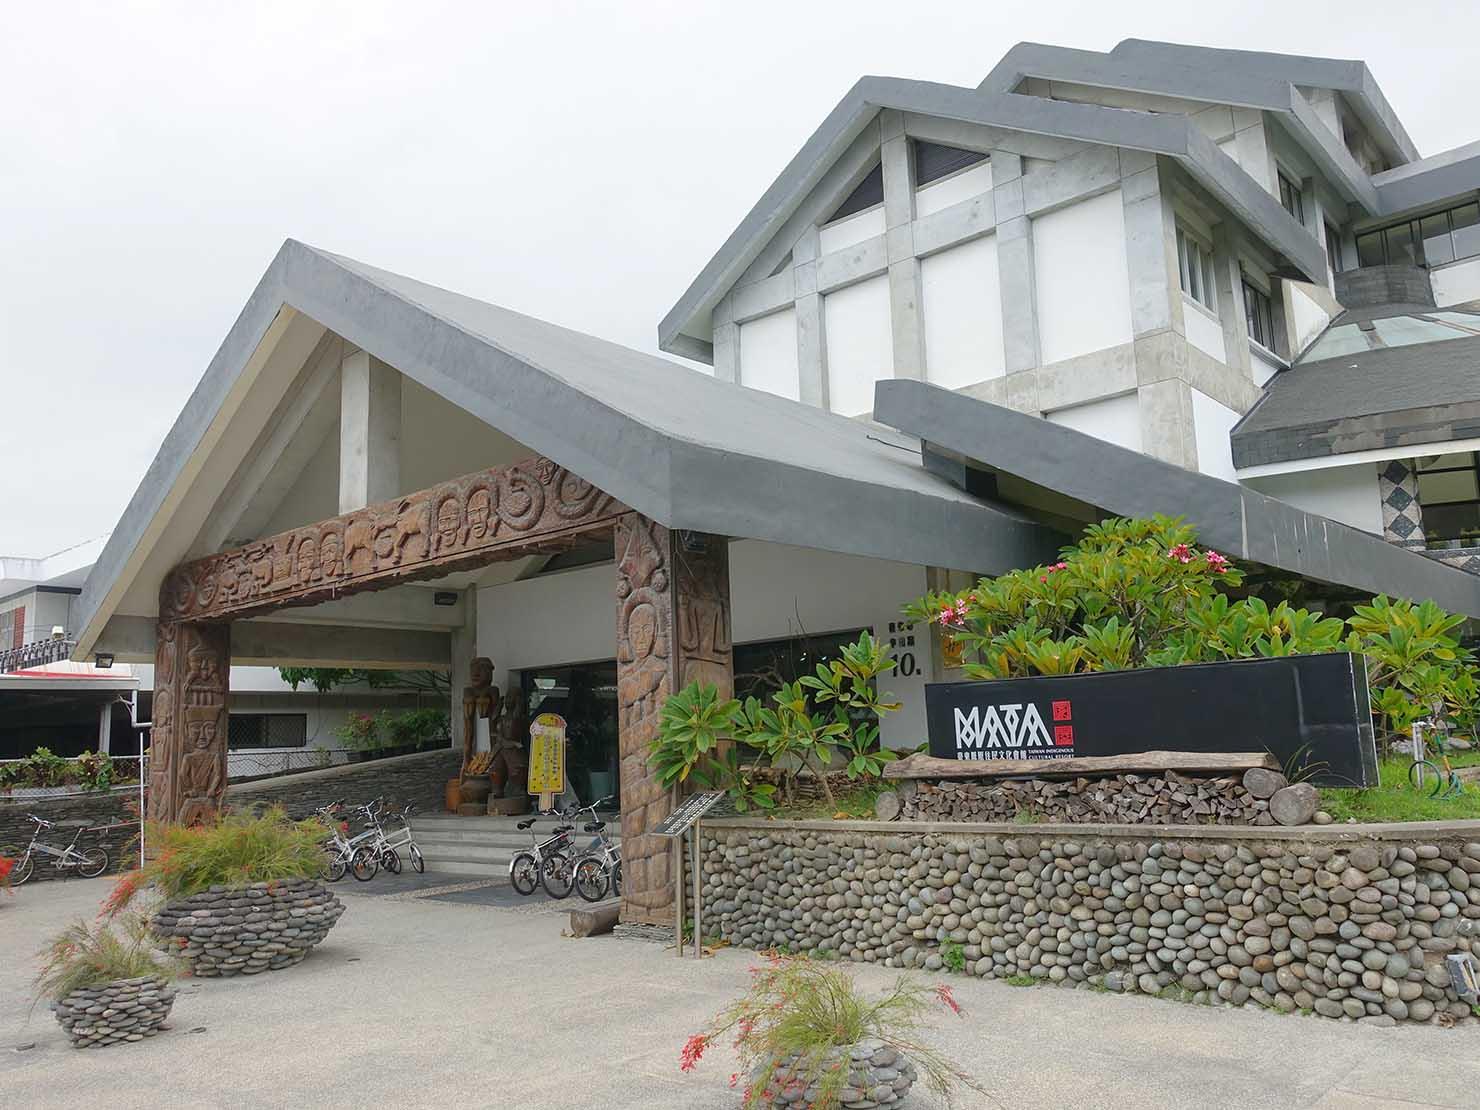 台湾・台東市街のおすすめホテル「MATA家屋」の外観